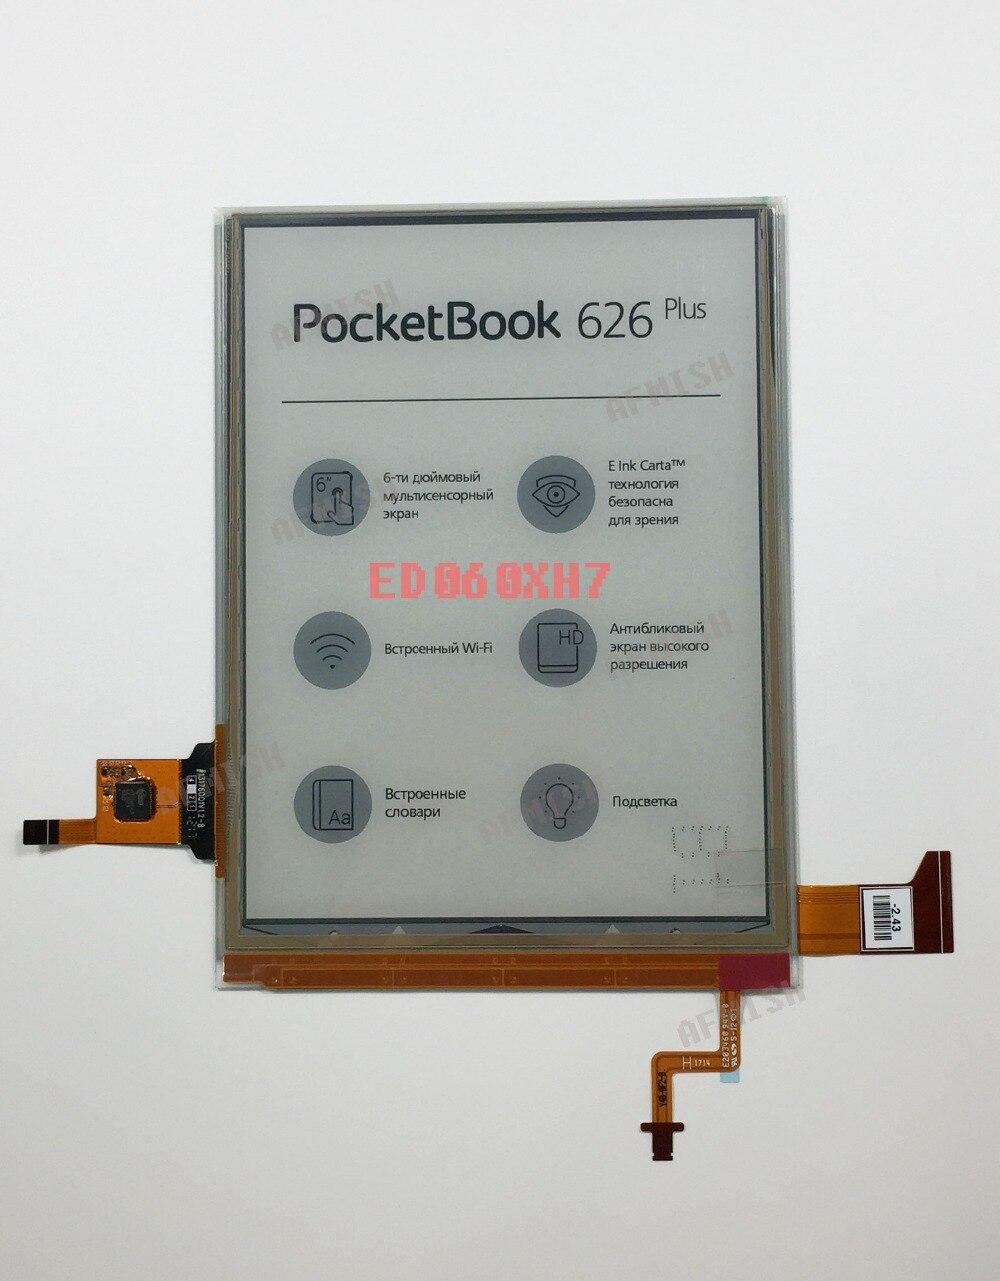 ED060XH7 Eink 100% nowy wyświetlacz LCD ekran dla pocketbook 626 plus i pocketbook dotykowy lux 3 darmowa wysyłka